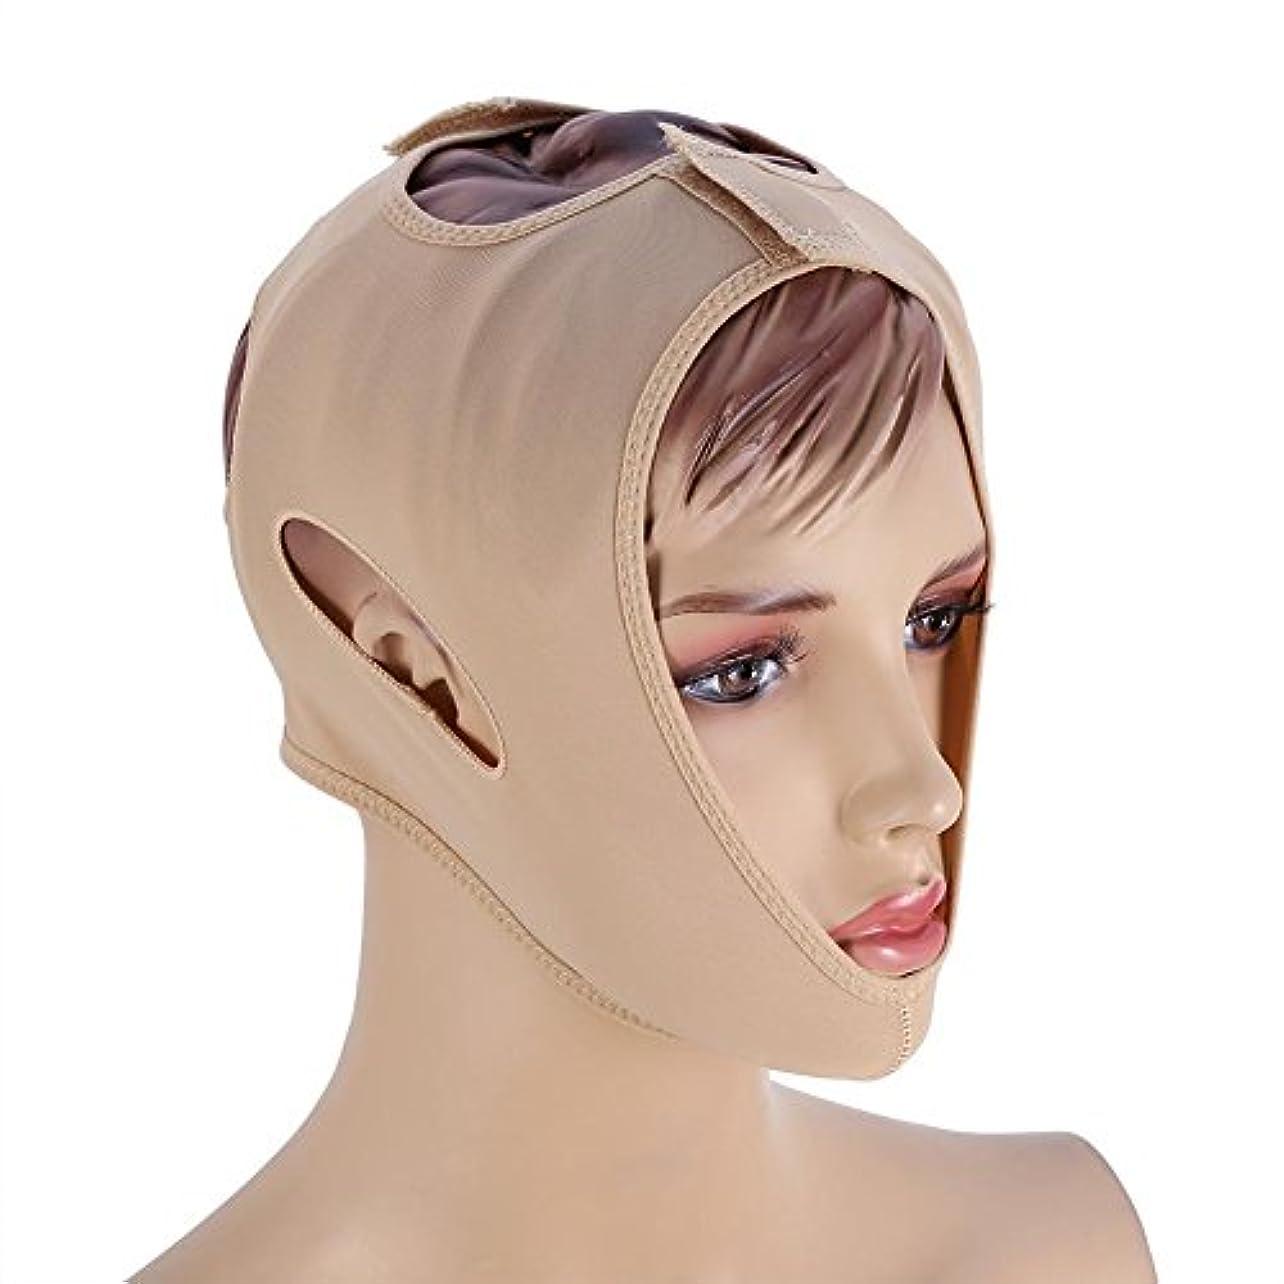 スペル薄い準備するフェイスベルト 額、顎下、頬リフトアップ 小顔 美顔 頬のたるみ 引き上げマスク便利 伸縮性 繊維 (L码)